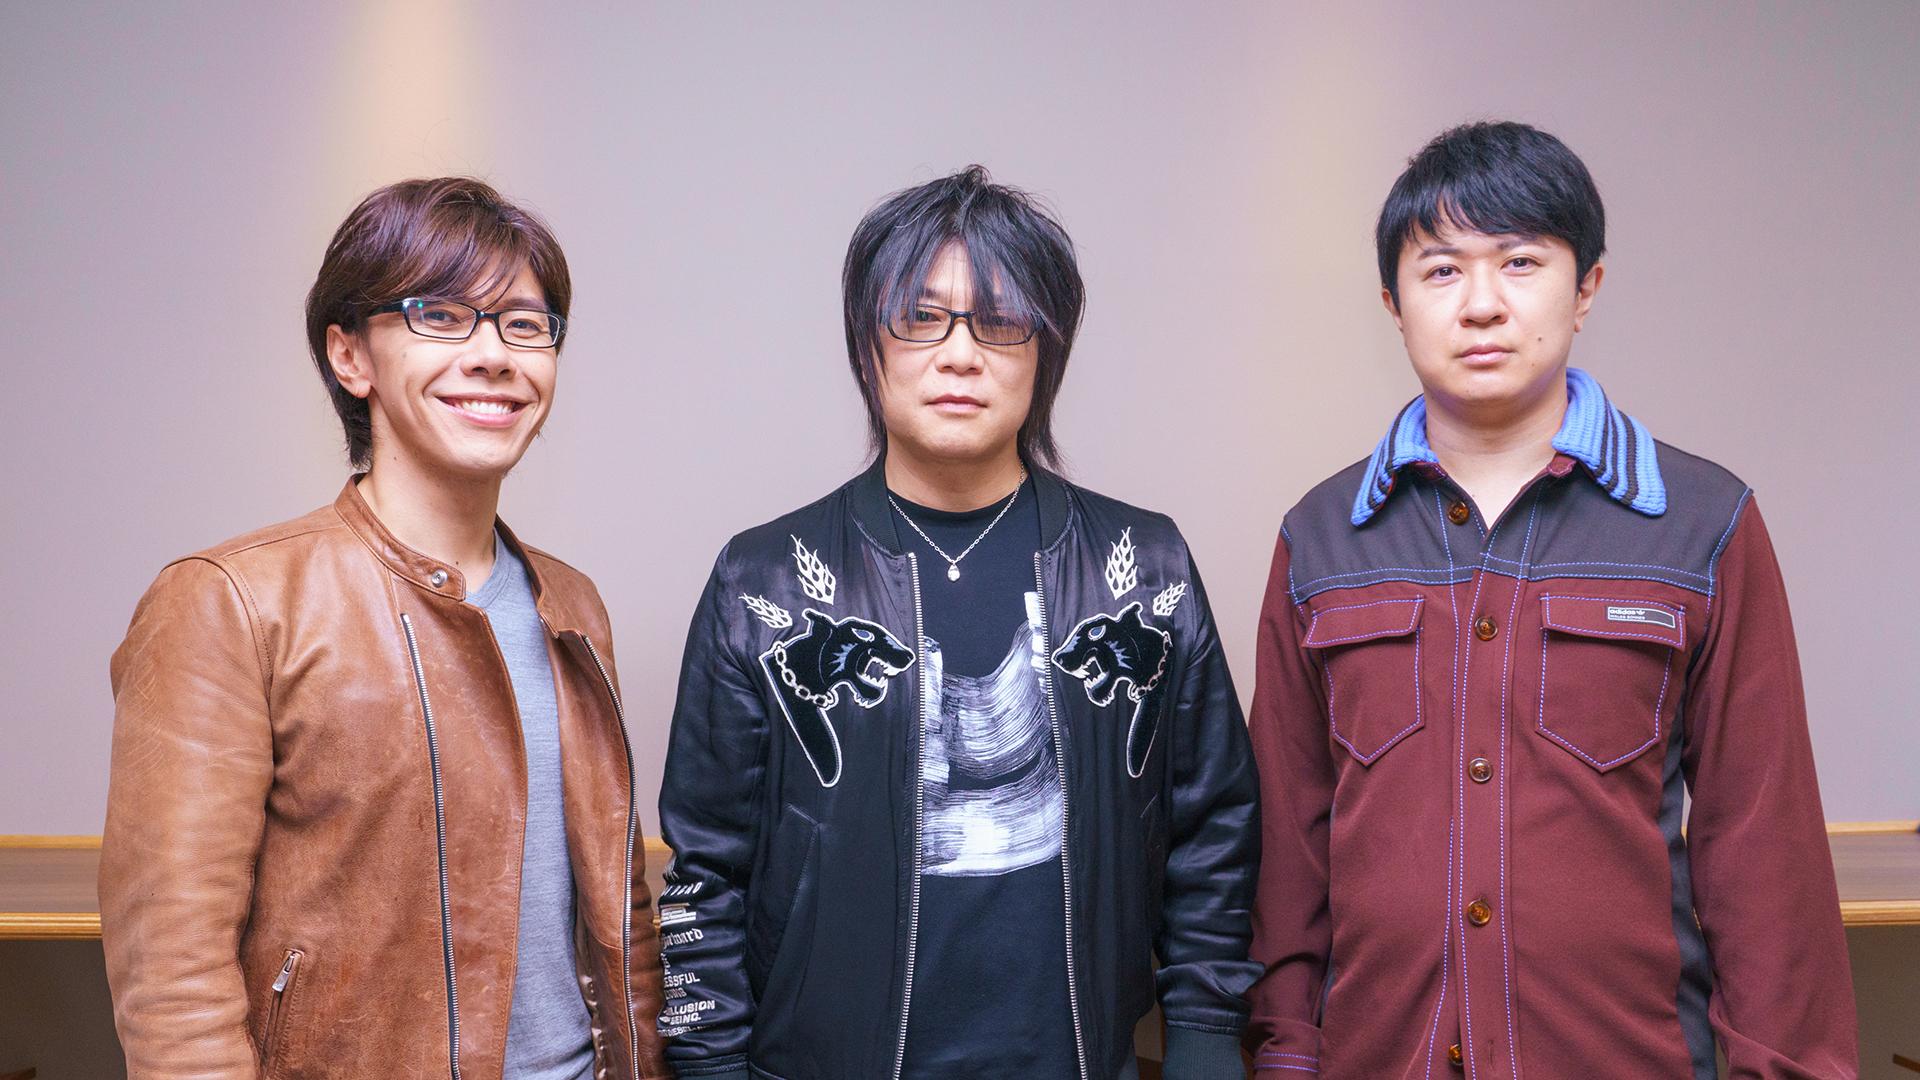 写真左から佐藤拓也、森川智之、杉田智和